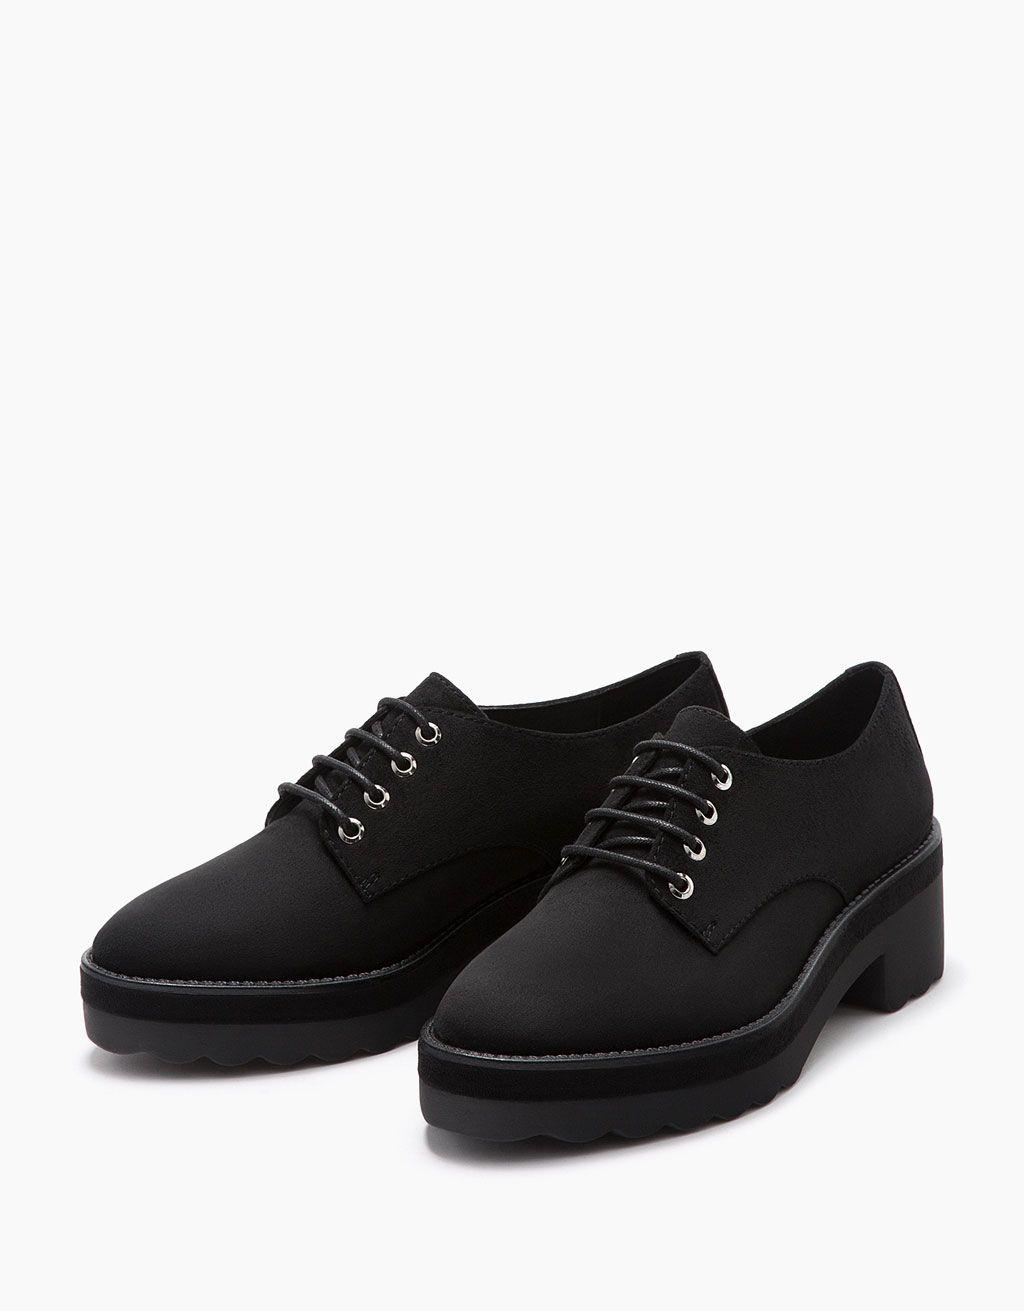 26 Zapato plano acordonado - Zapatos - Bershka España  e25ba1cb7bd0